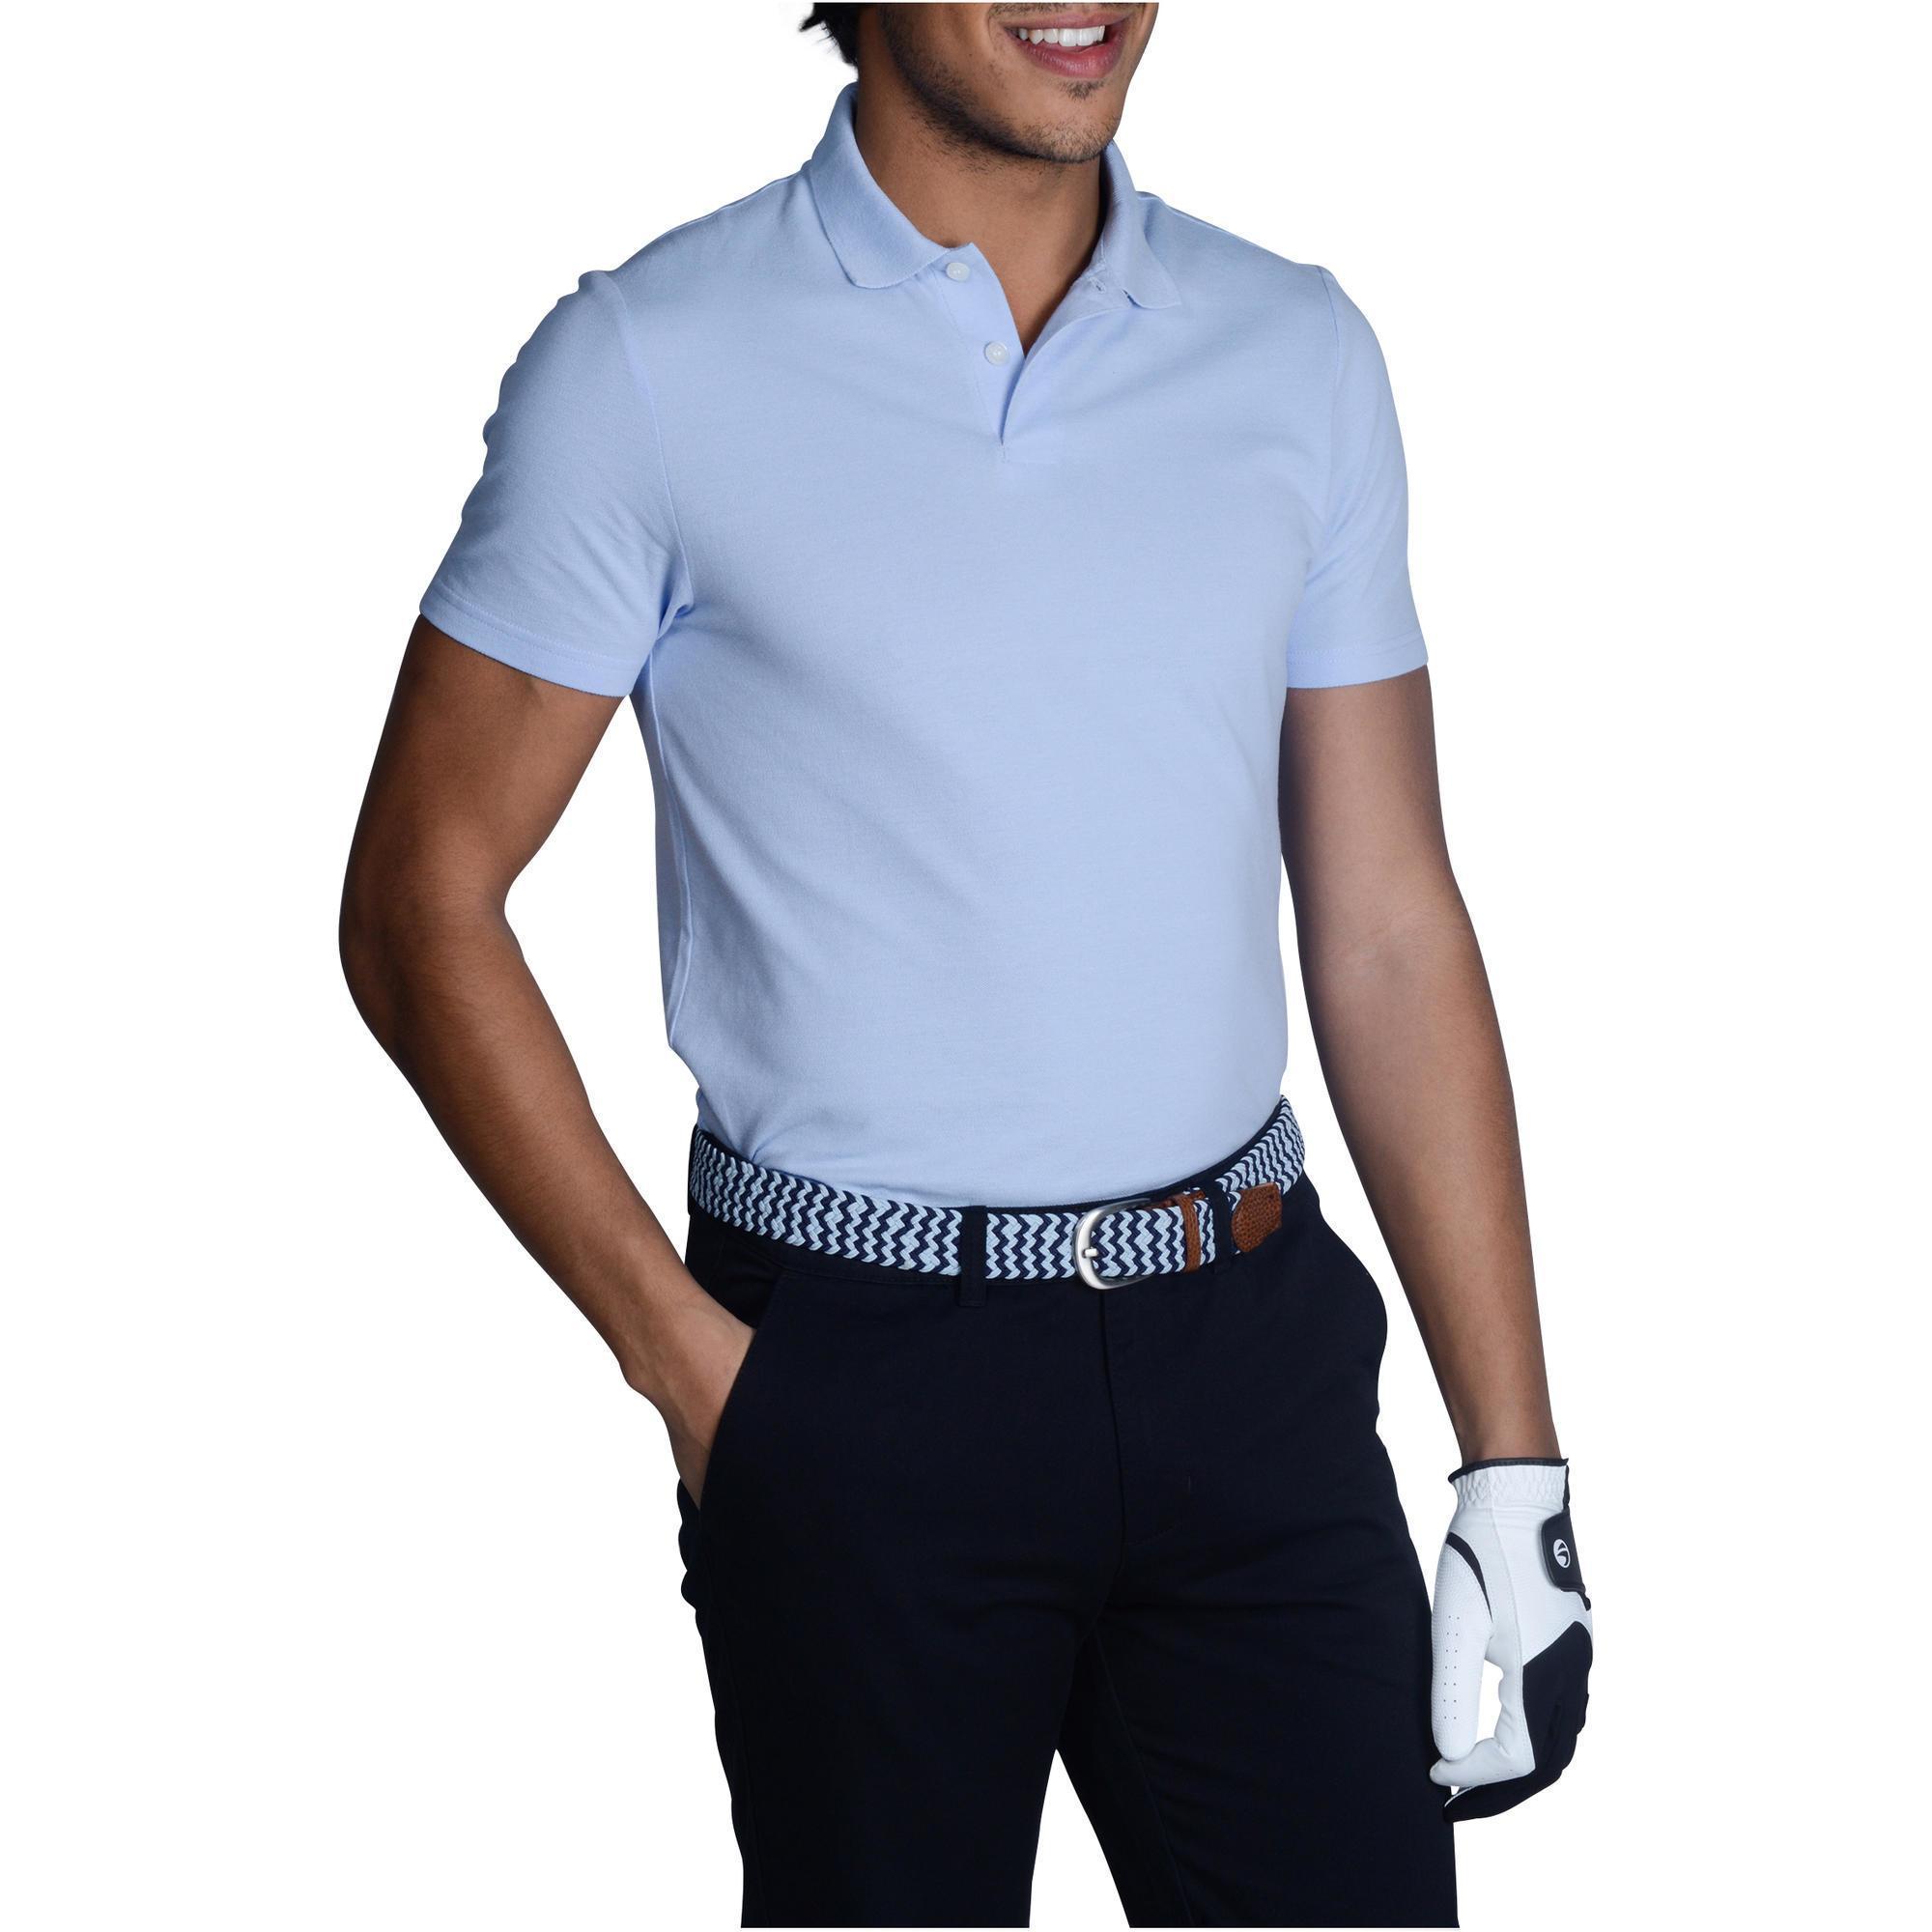 d2d2be17041 Polo de golf hombre manga corta 100 tiempo templado azul claro Inesis |  Decathlon